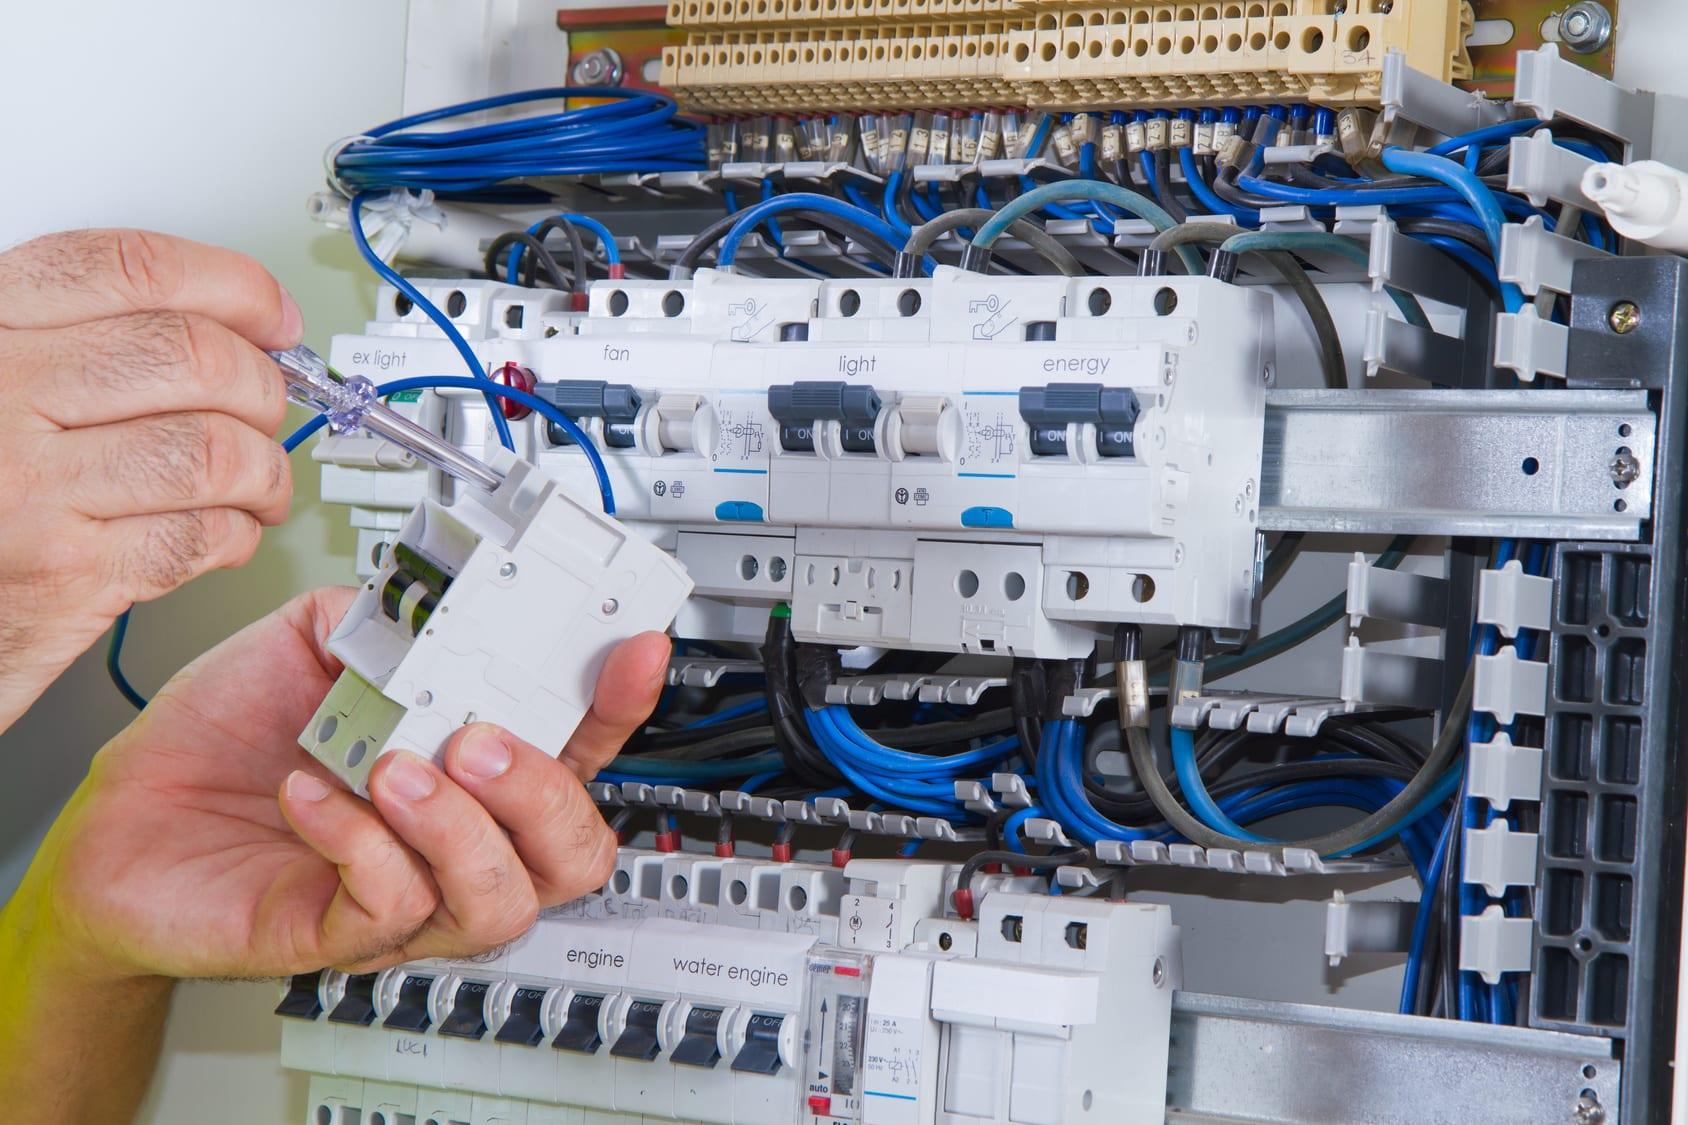 installation d'un panneau électrique